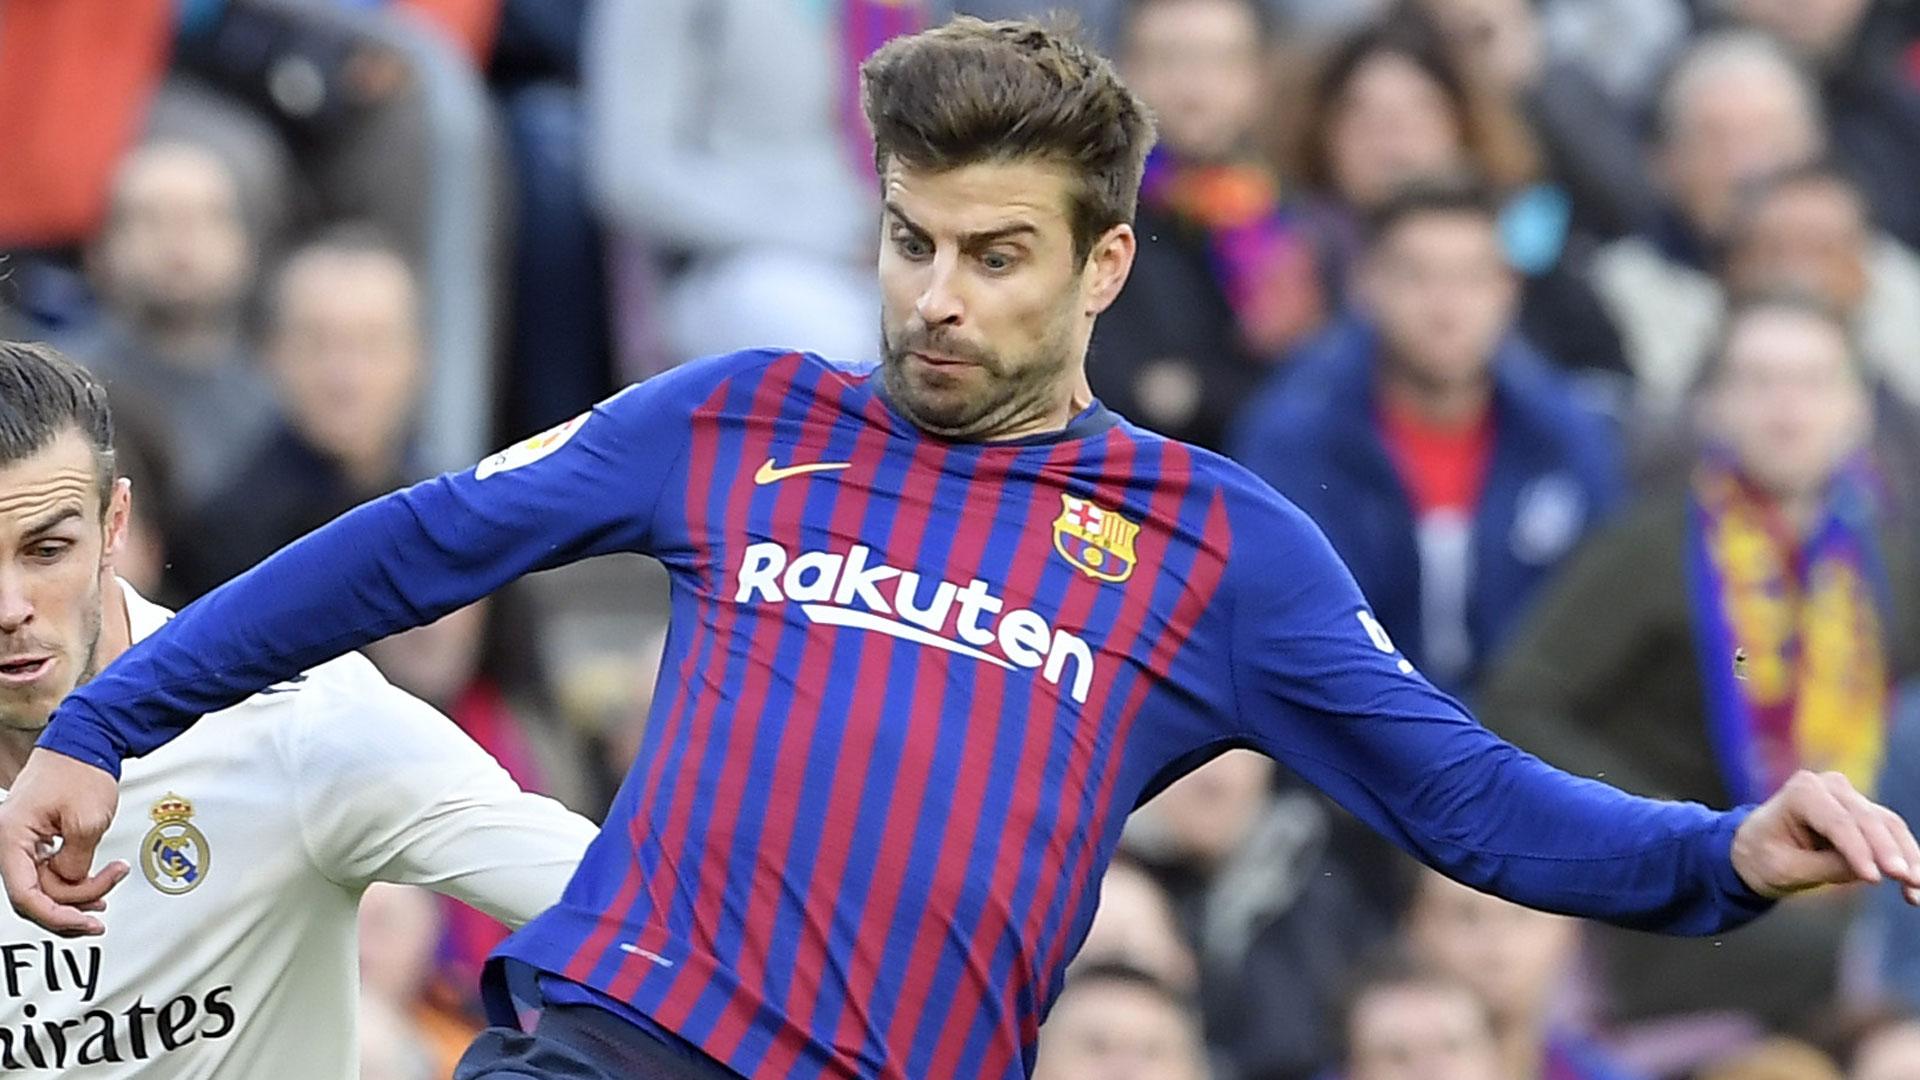 El Andorra aprueba la compra del club por parte de Piqué